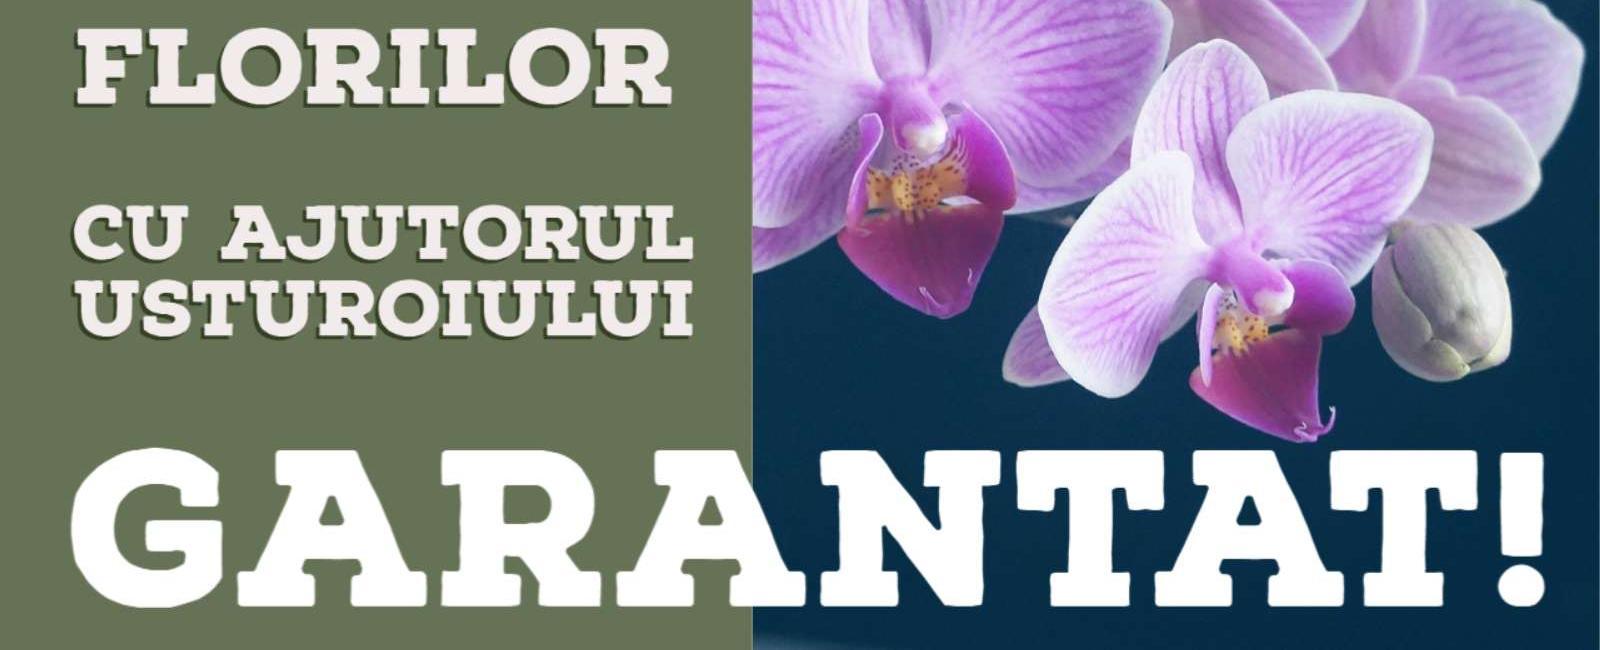 Cum provocăm înflorirea orhideei cu ajutorul Usturoiului